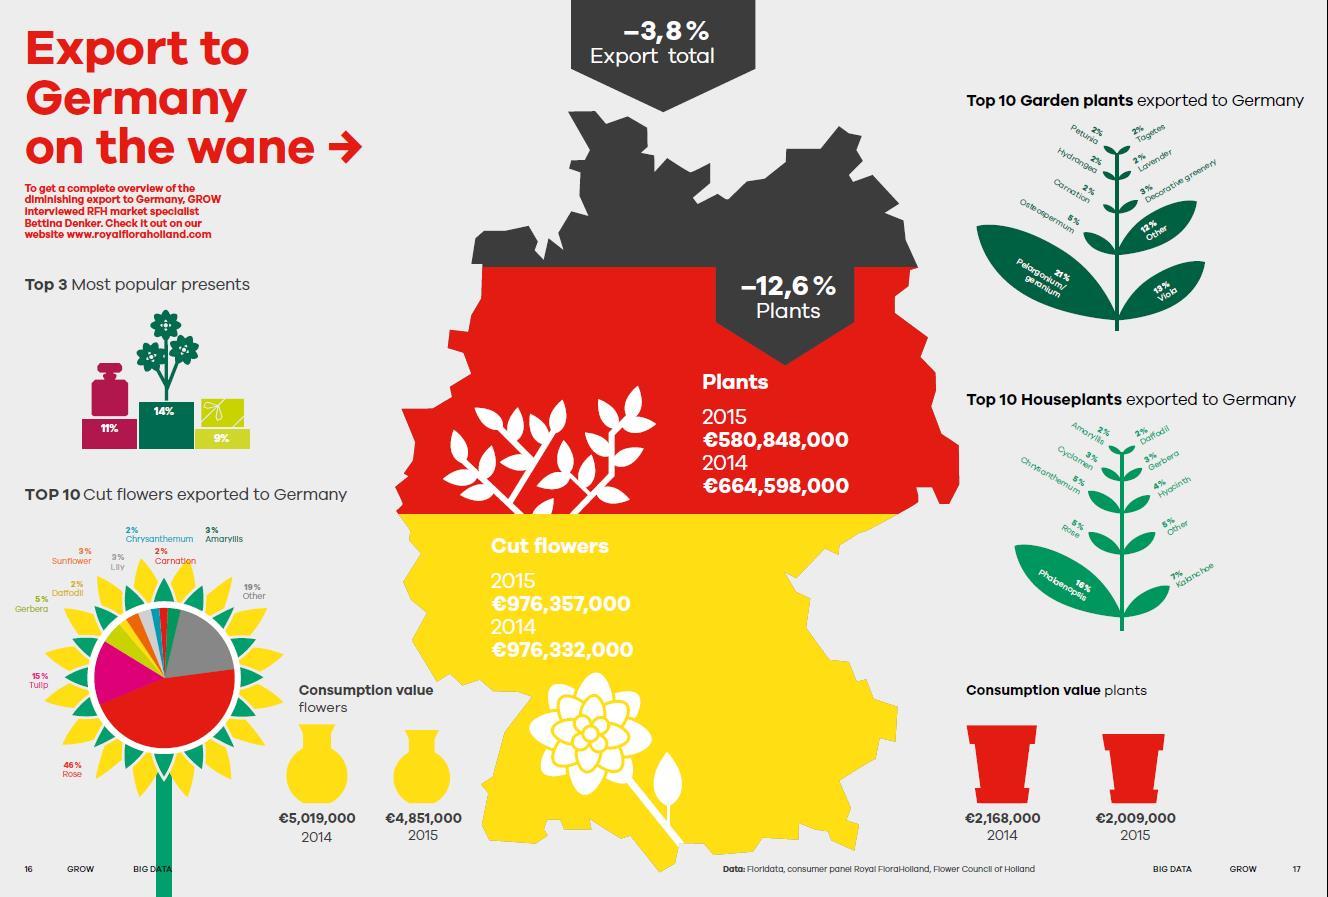 niederlande exportiert weniger pflanzen nach deutschland gawina pflanzen aus holland. Black Bedroom Furniture Sets. Home Design Ideas